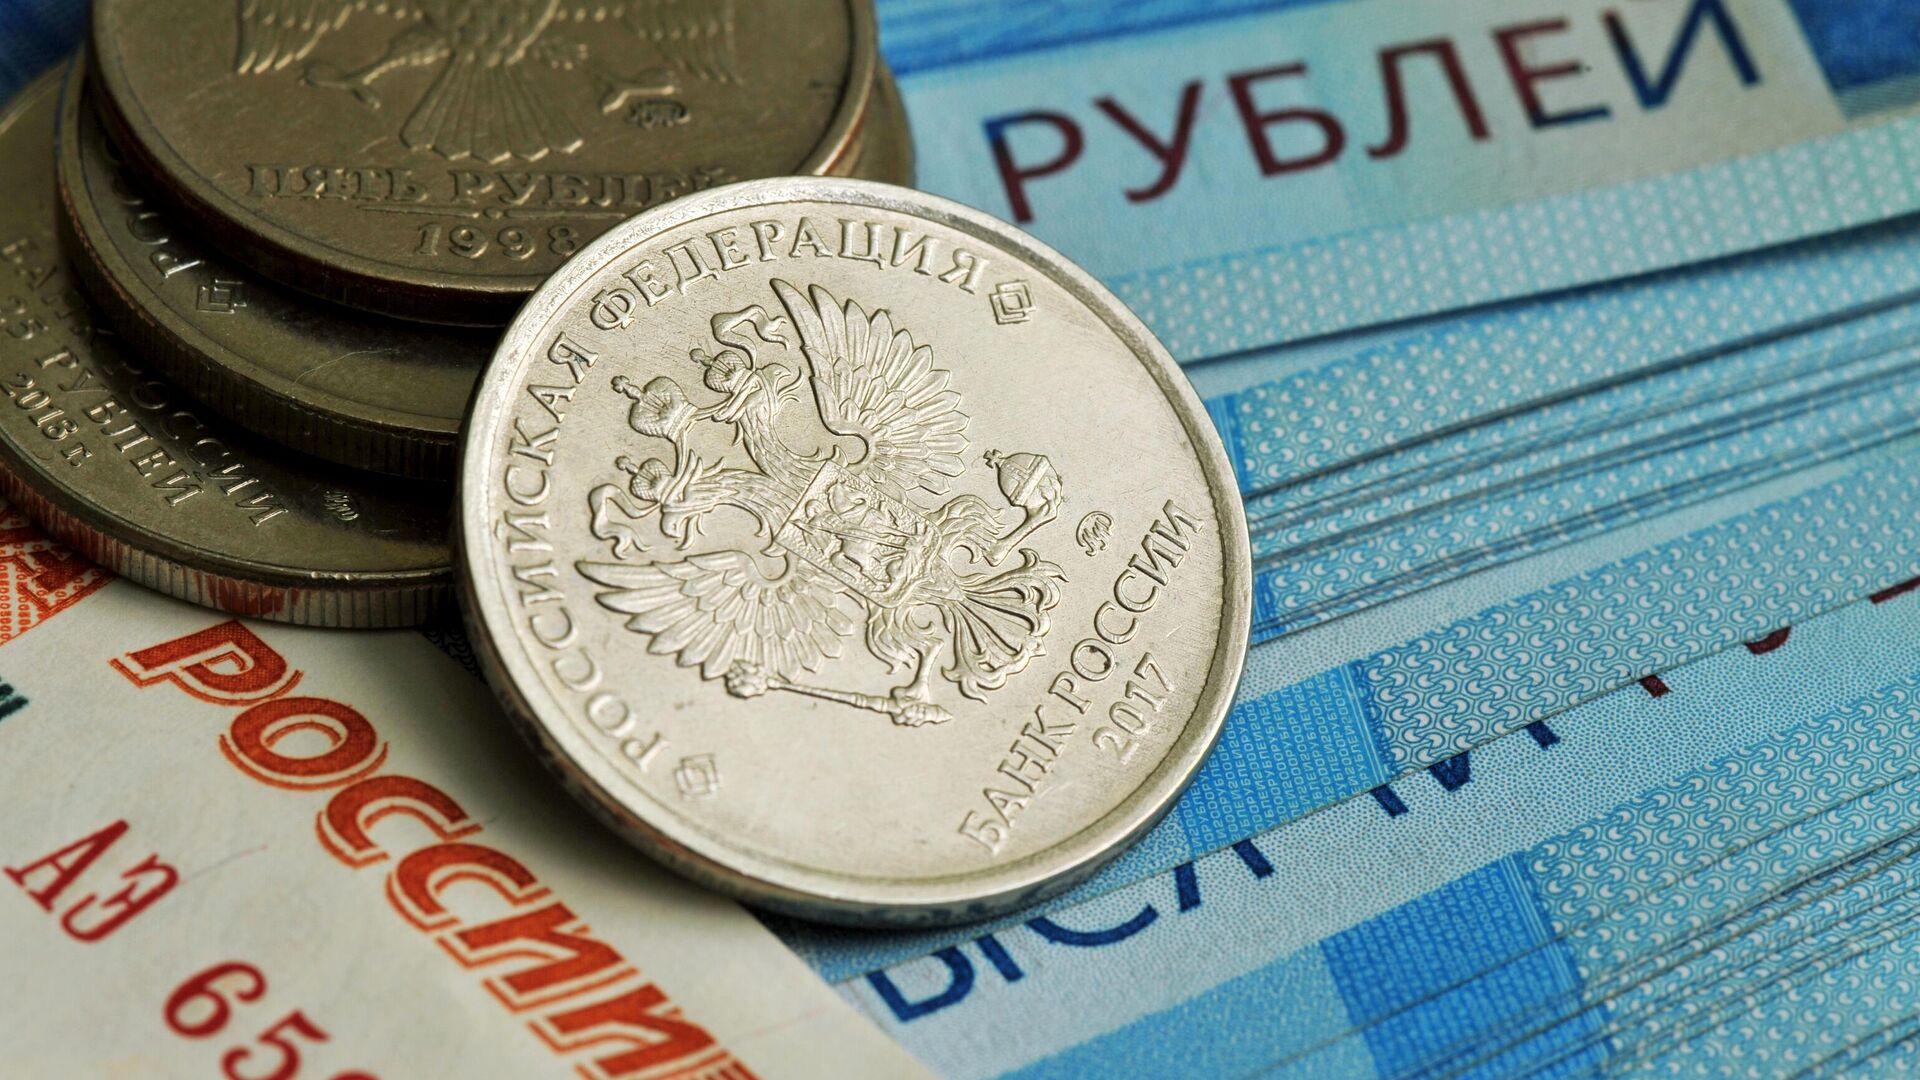 Денежные купюры и монеты - РИА Новости, 1920, 11.06.2021